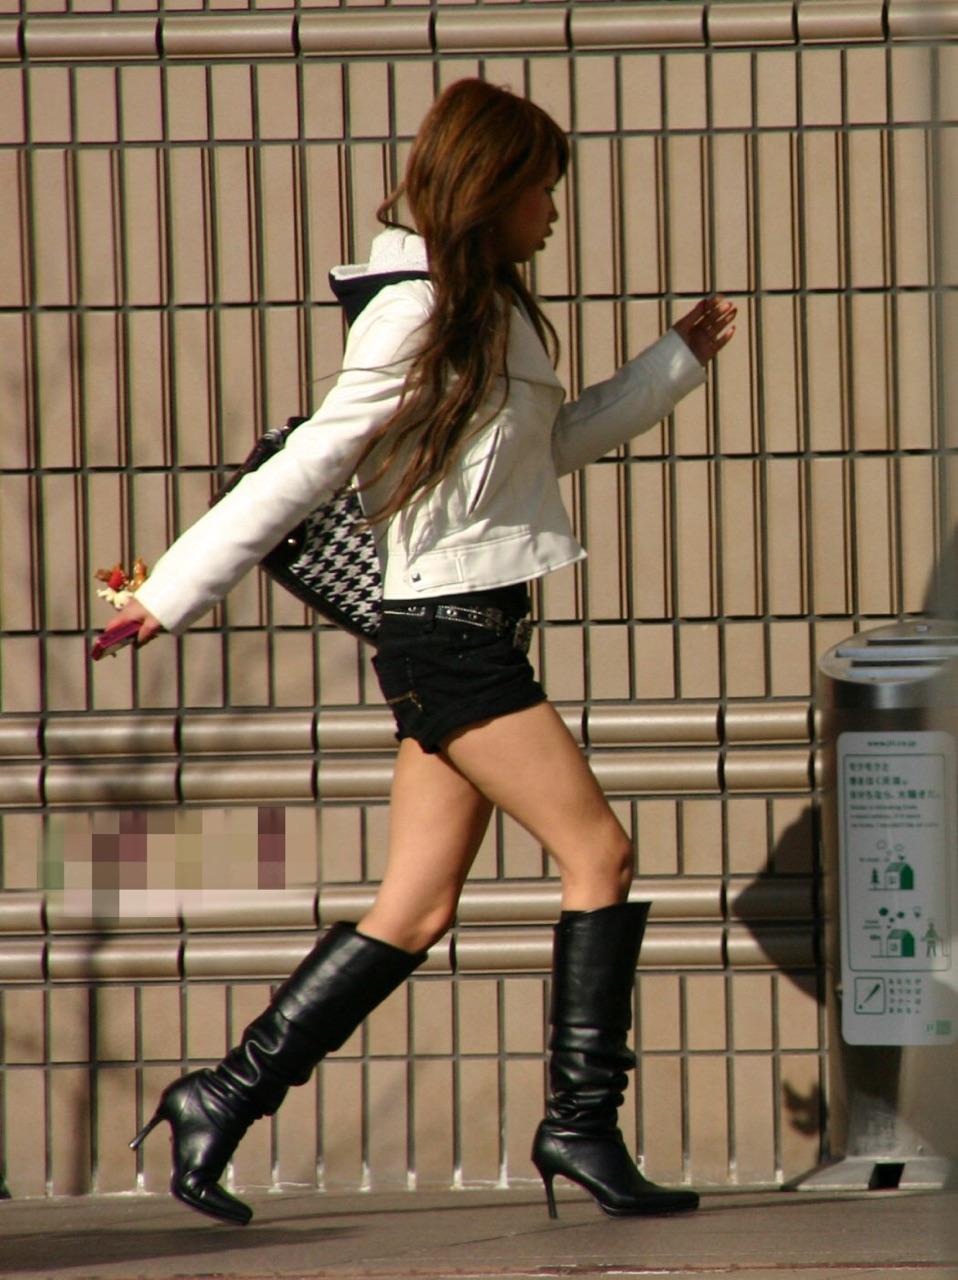 【ショーパンエロ画像】ミニよりも美脚際立つ!見逃せないショーパン女子の太ももwww 20